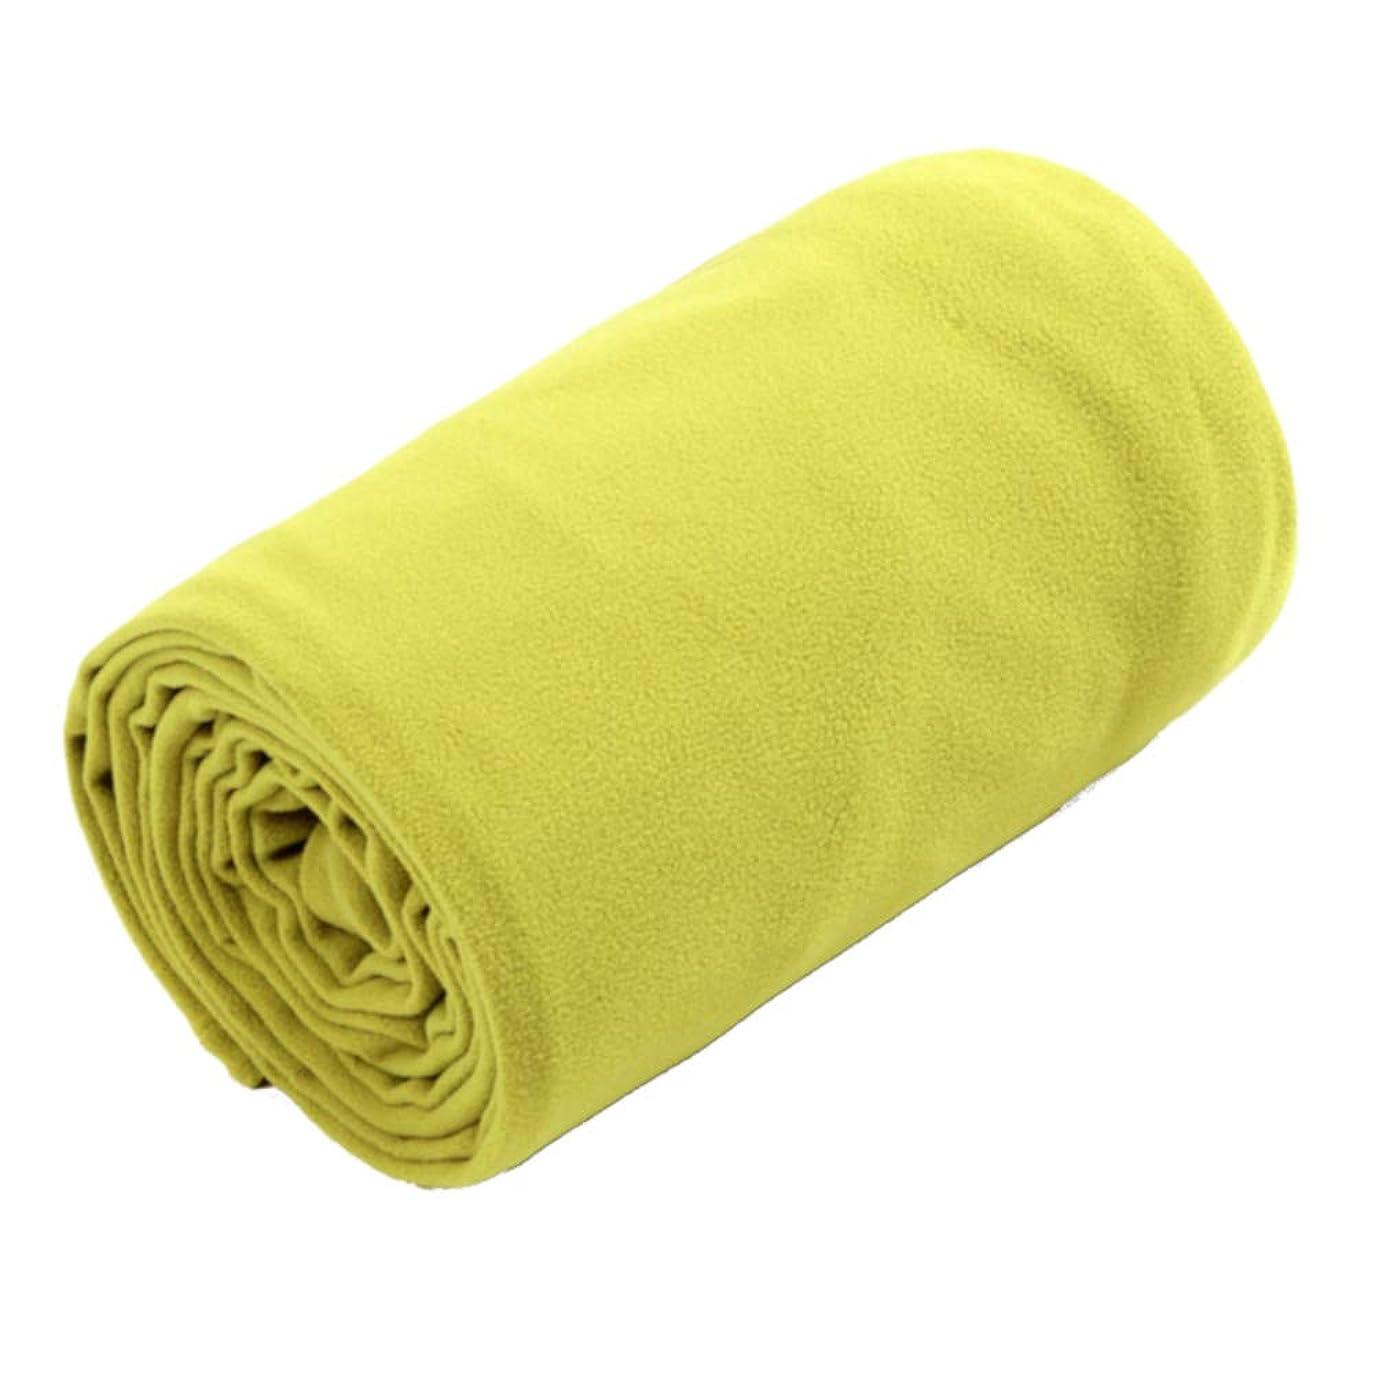 バウンス届ける予感CYCLETRACK インナーシュラフ 寝袋 洗濯可能 210*70CM キャンプ アウトドア コンパクト収納